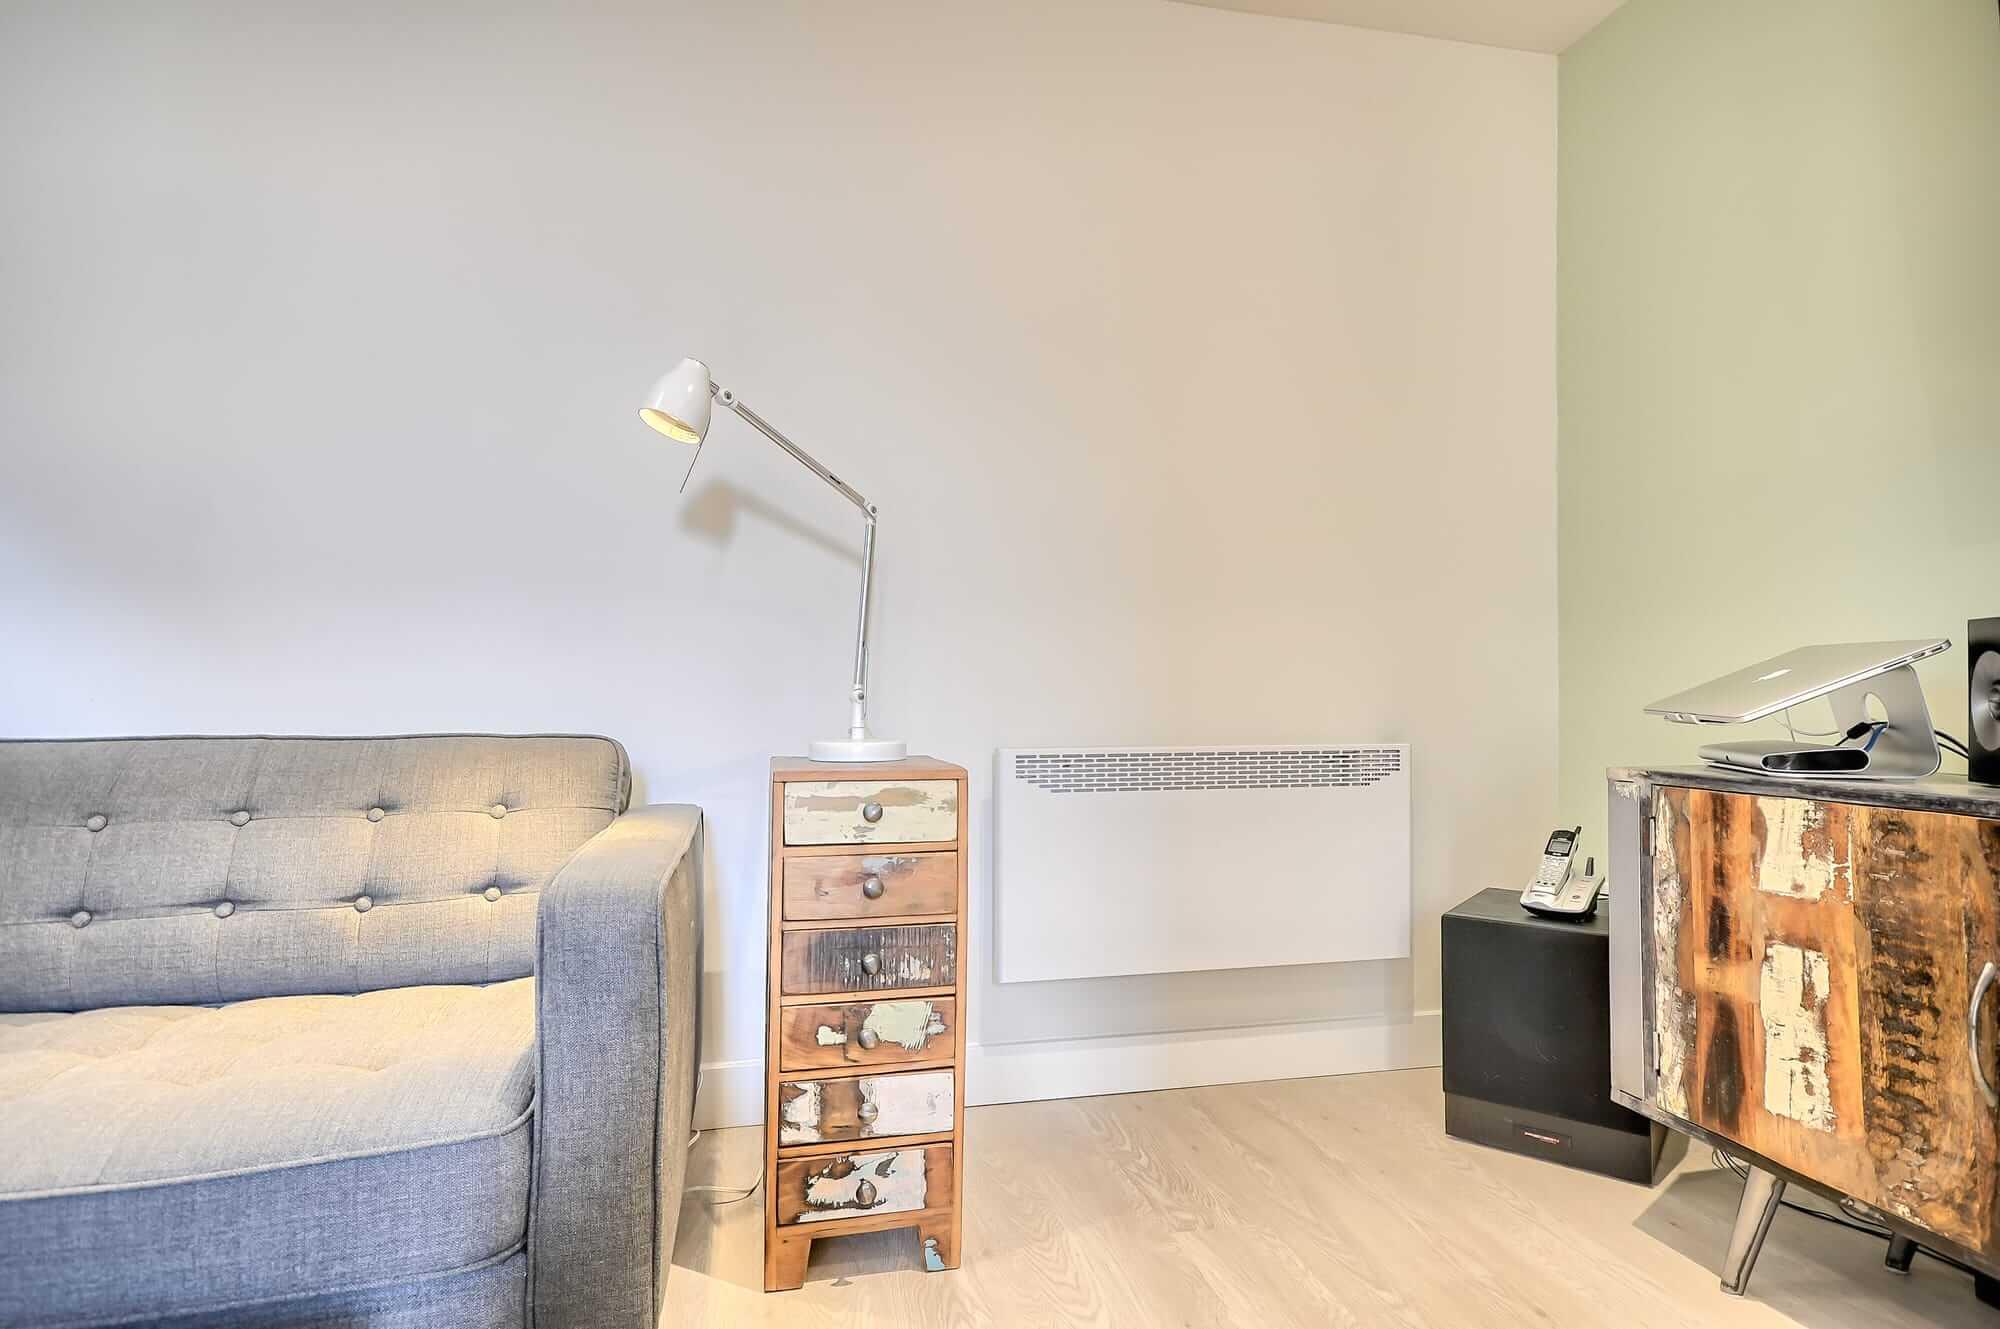 rénovation de sous-sol avec plancher flottant beige, divan gris et mur couleur menthe